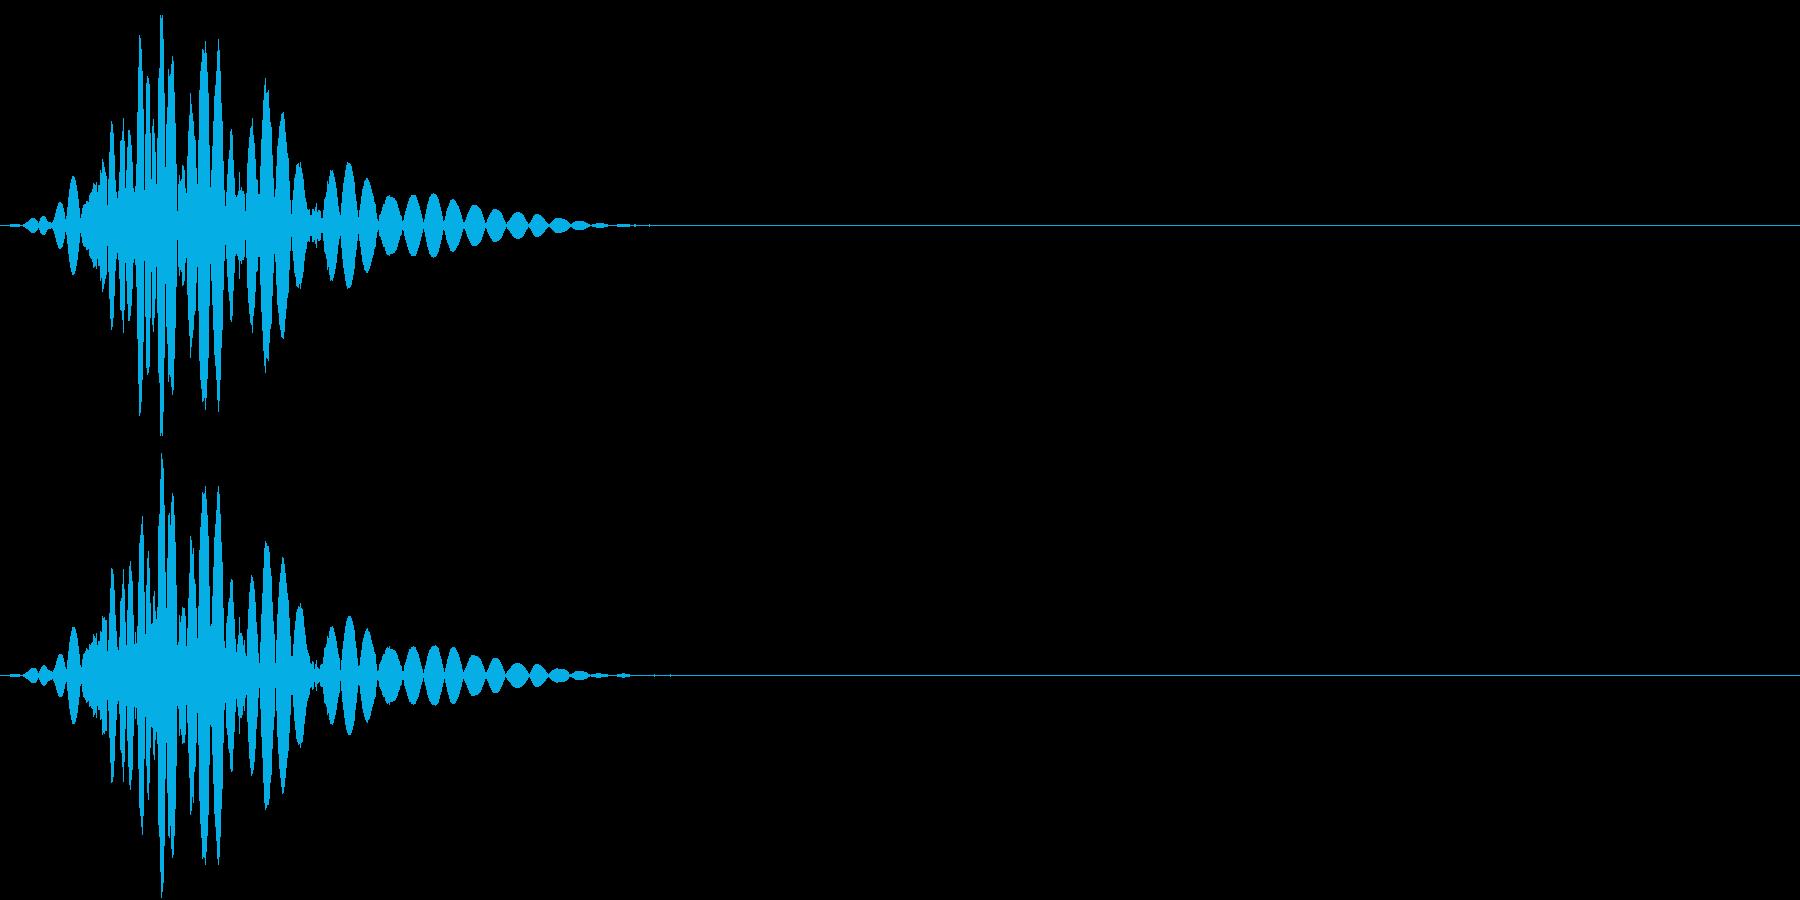 KAKUGE 格闘ゲーム戦闘音 62の再生済みの波形